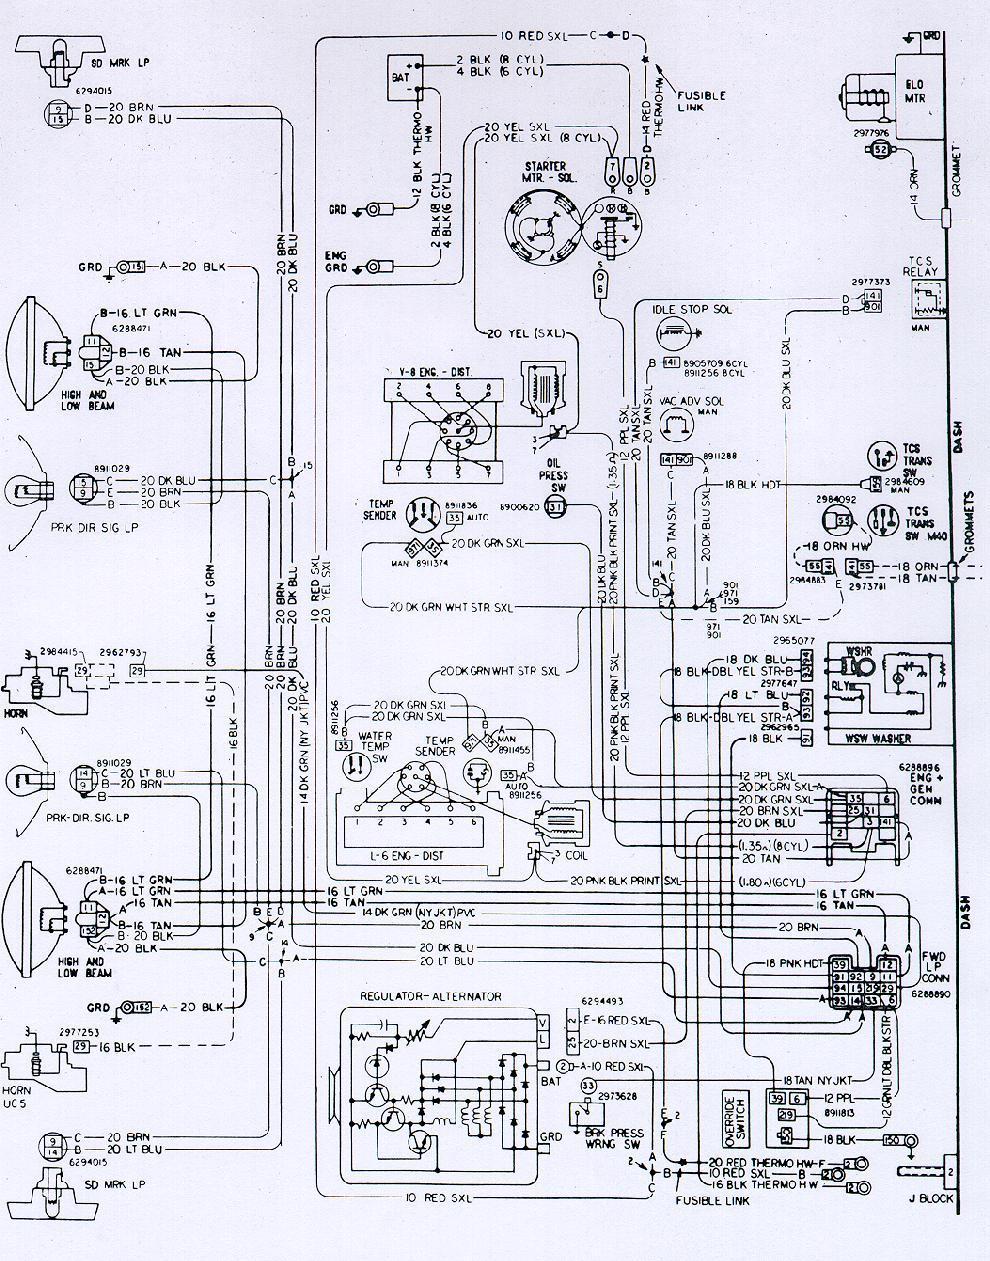 1981 camaro z28 wiring diagram